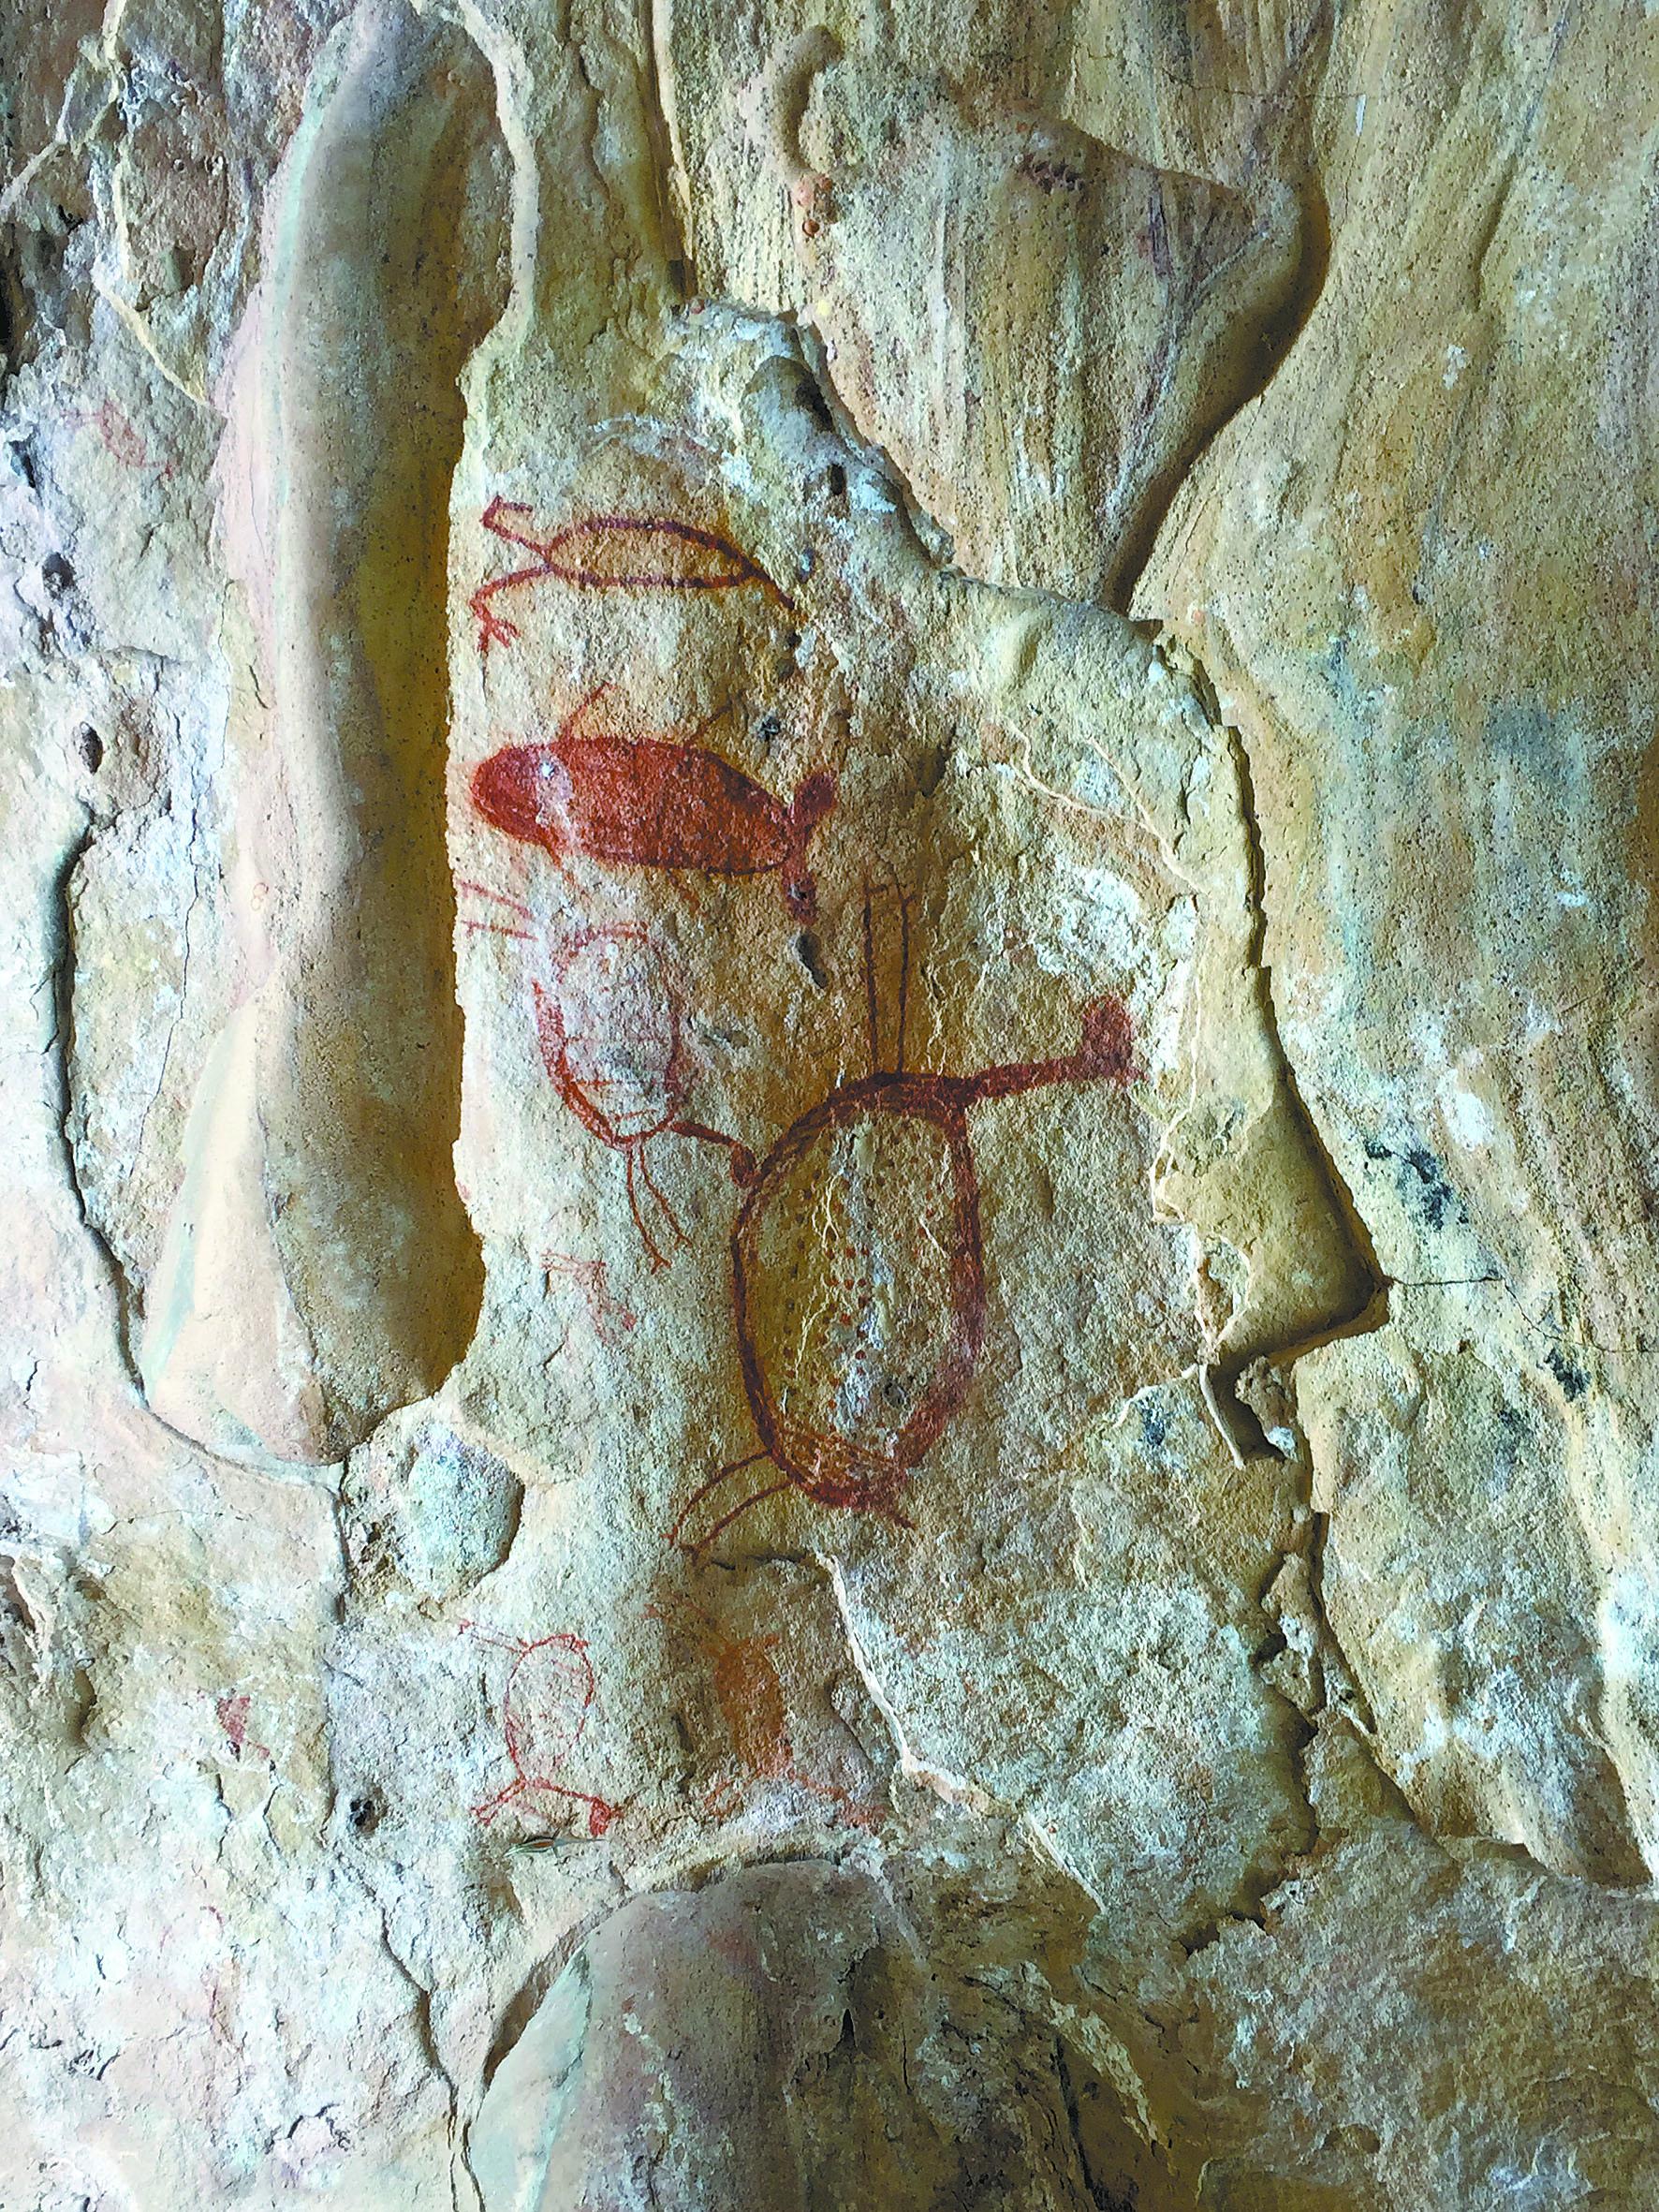 Parque tem a maior quantidade de pinturas rupestres do mundo | Divulgação